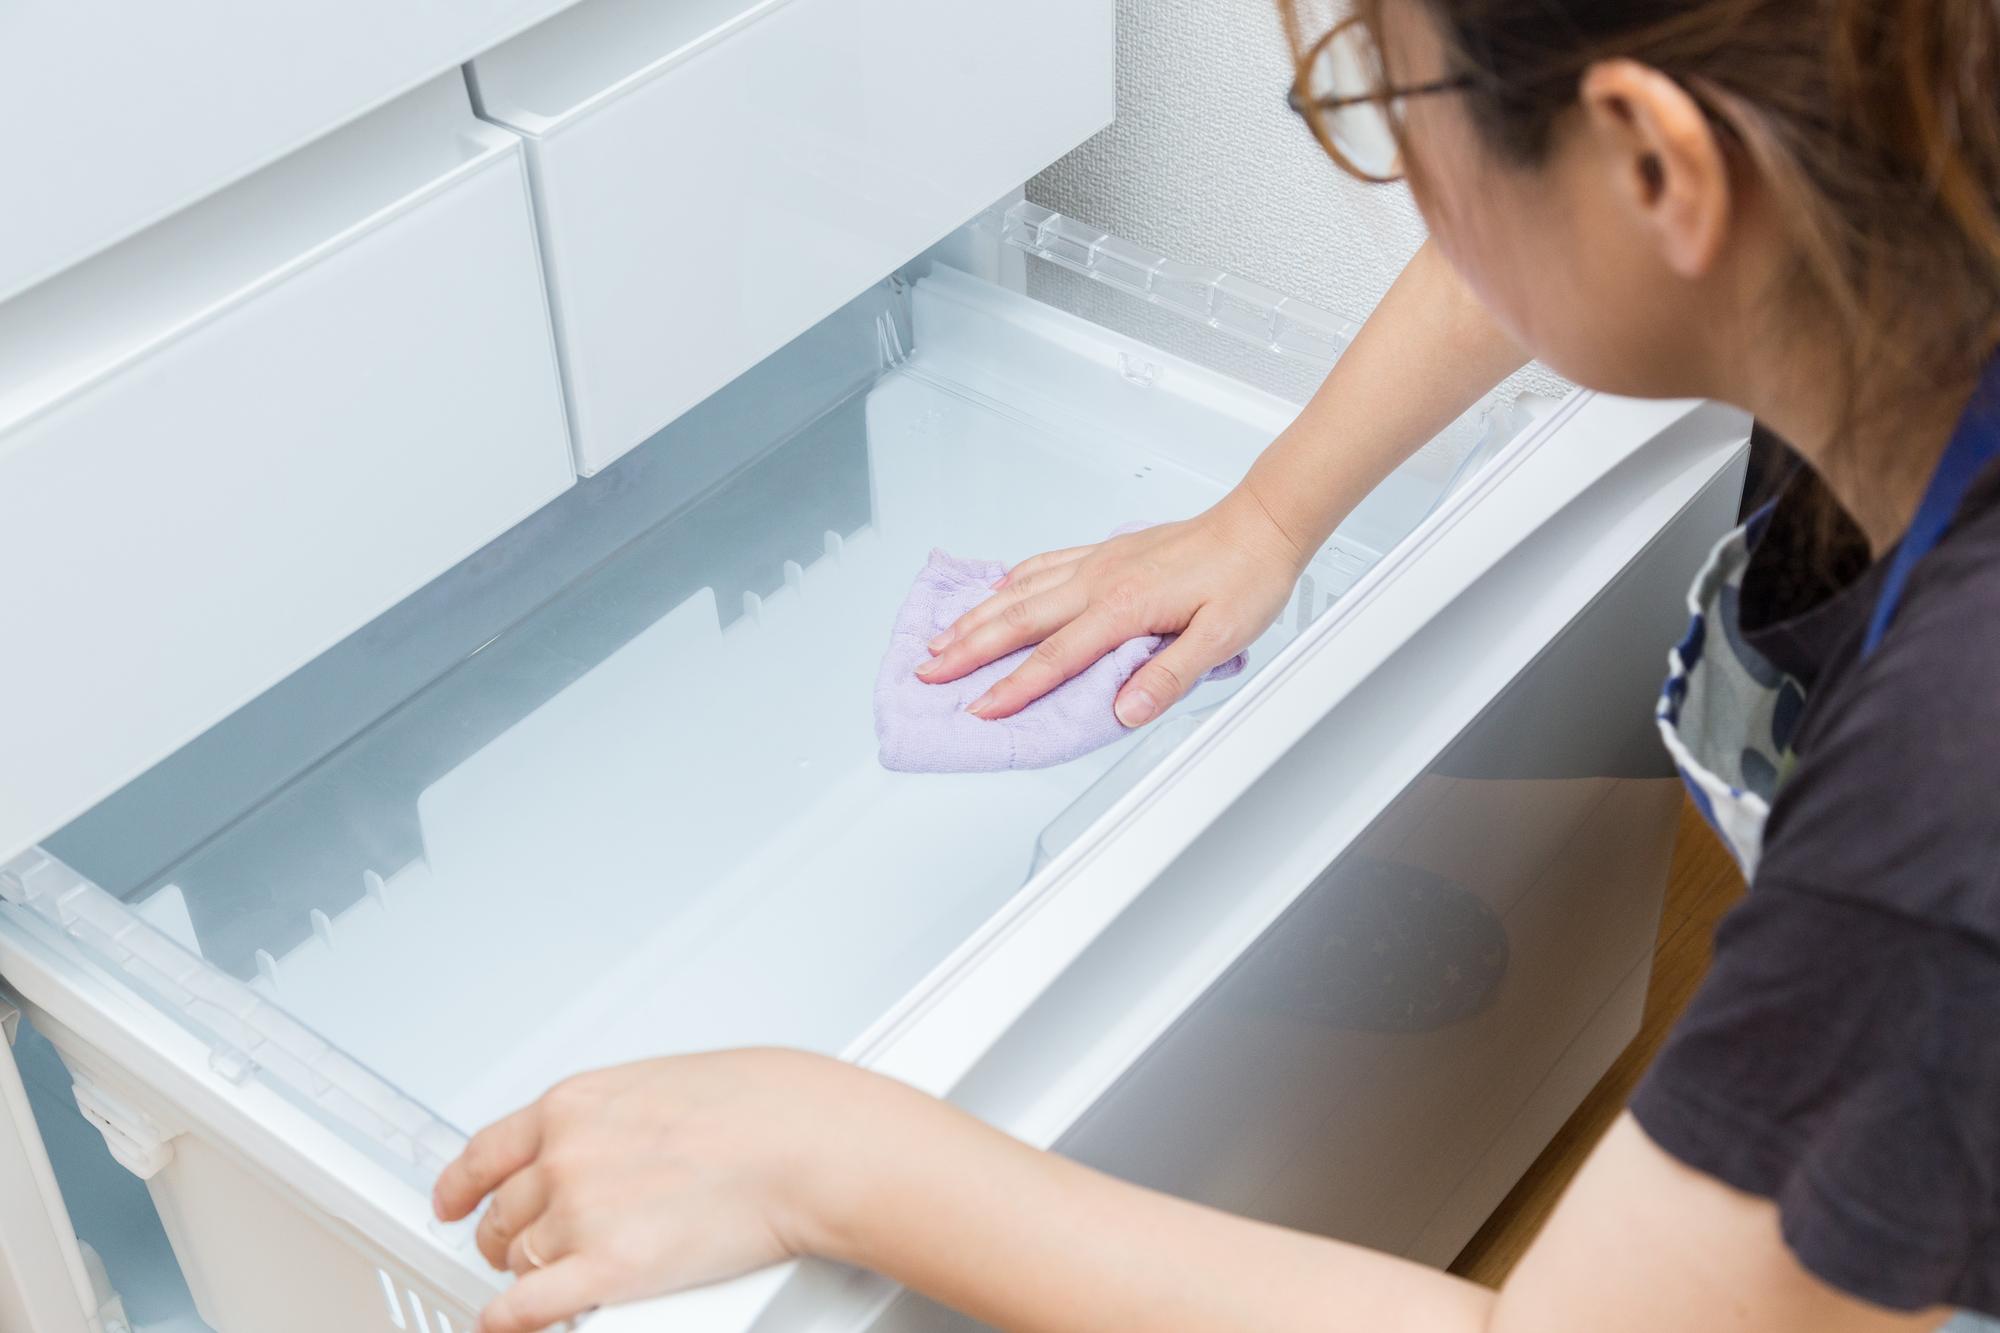 冷蔵庫の拭き掃除をする女性